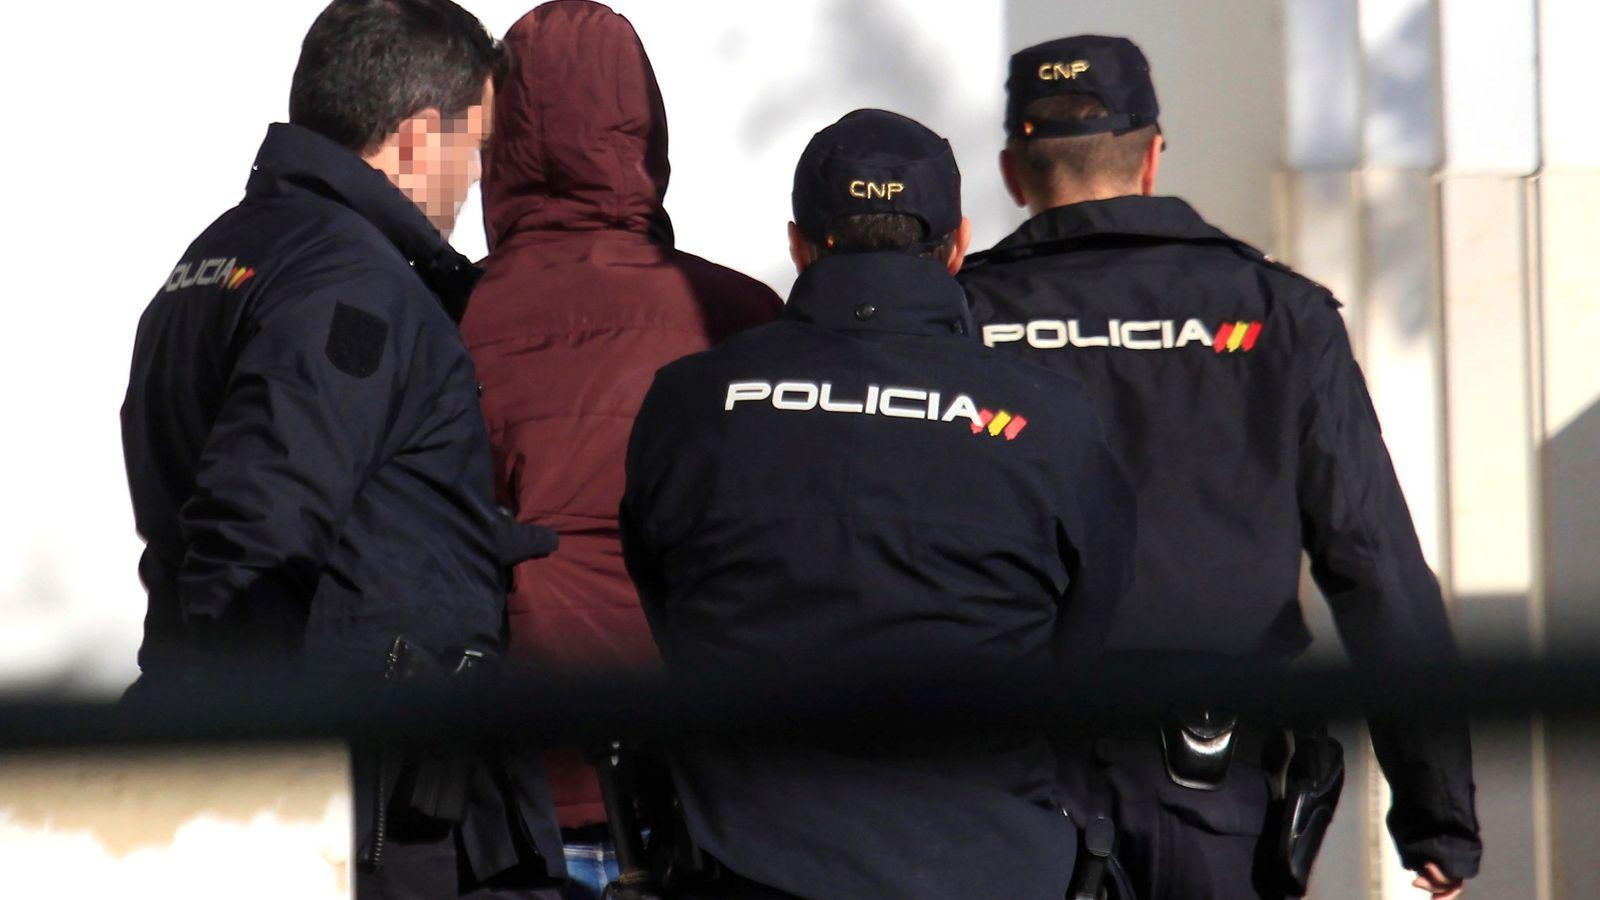 Foto: Imagen de archivo de agentes de la Policía Nacional. (EFE)